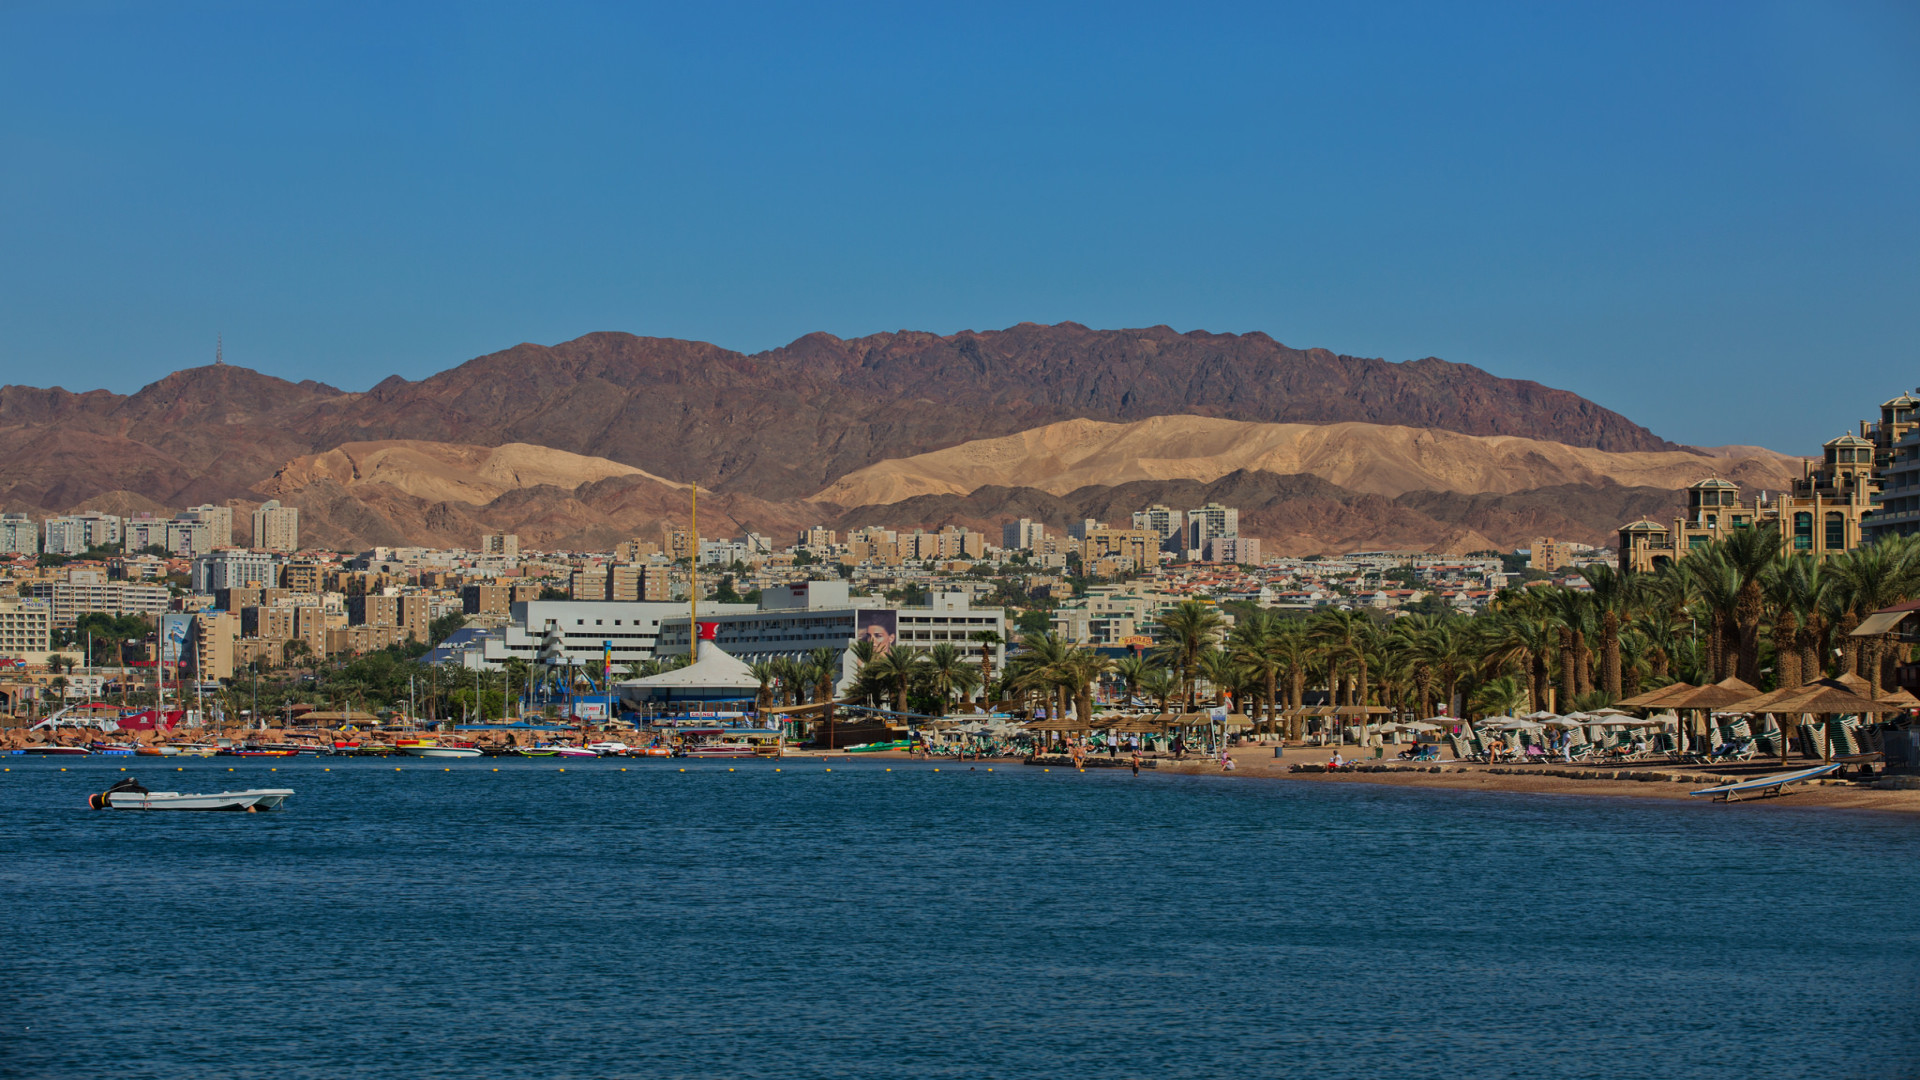 Uitzicht op Eilat met zee op de voorgrond en bergen op de achtergrond, Israël